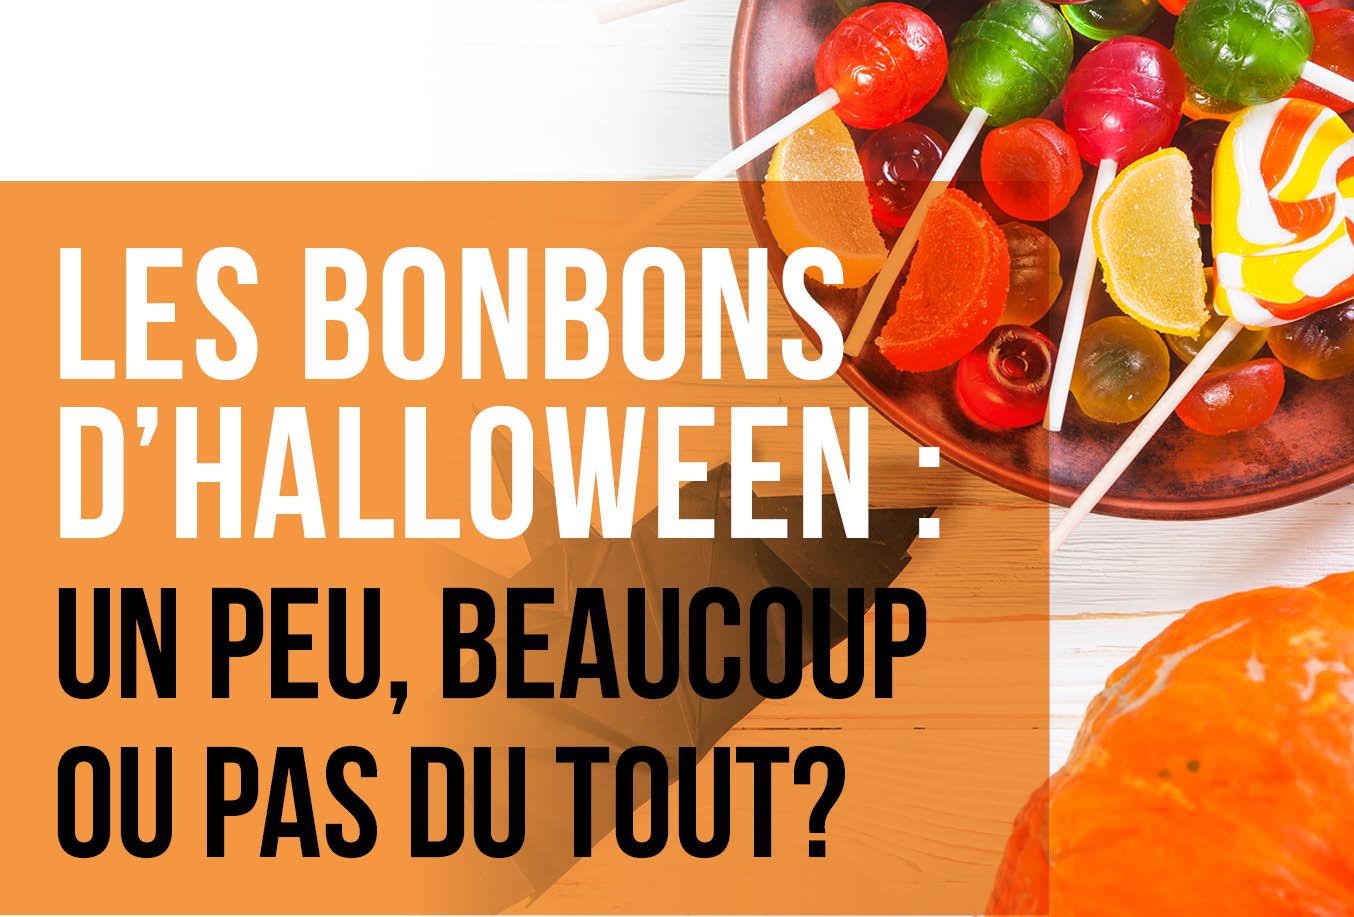 Les bonbons d'Halloween : un peu, beaucoup ou pas du tout?